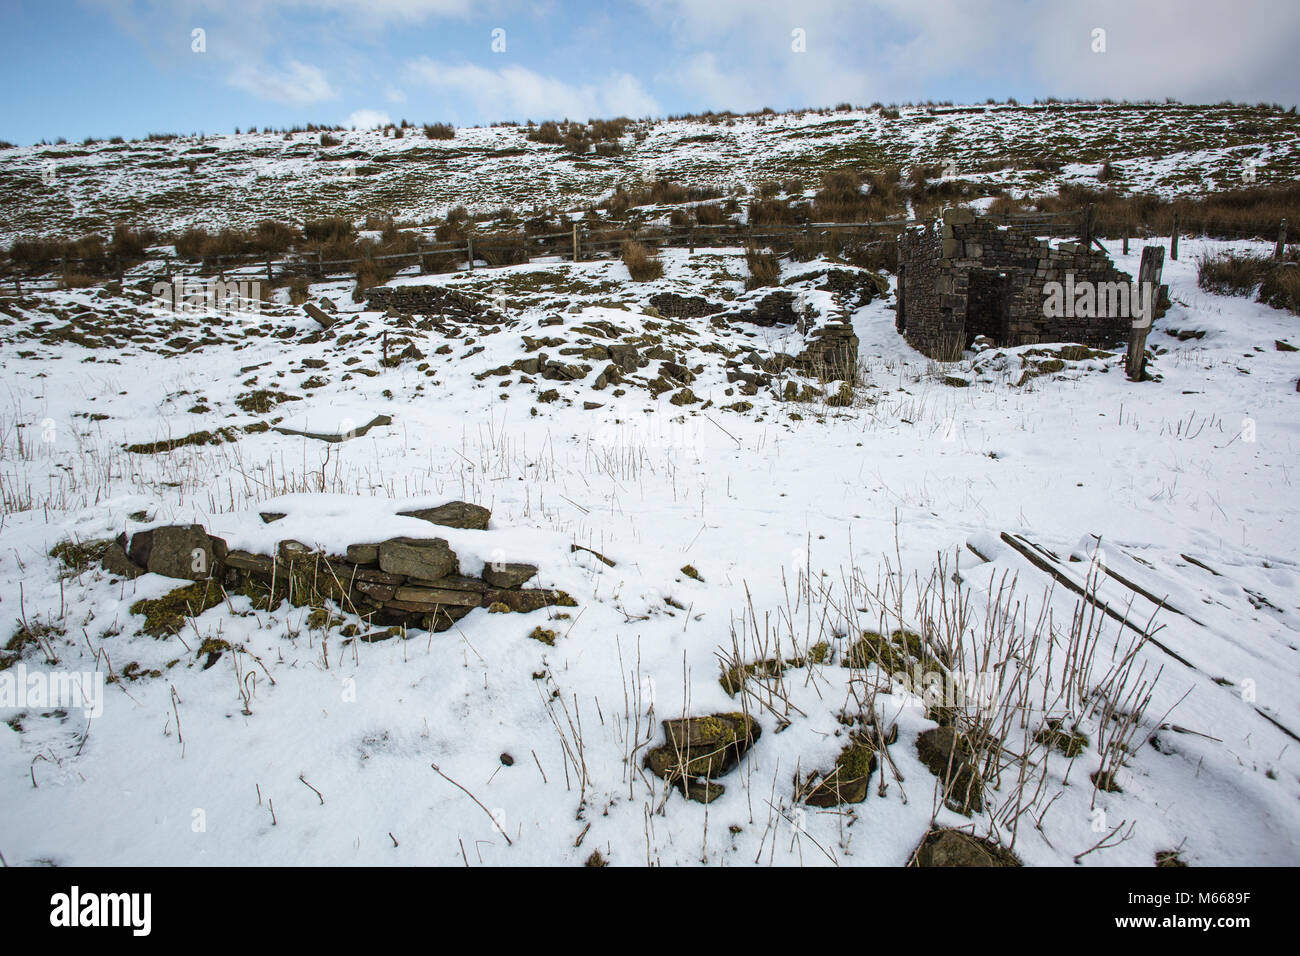 Darwen Moor, West Pennine Moors. - Stock Image